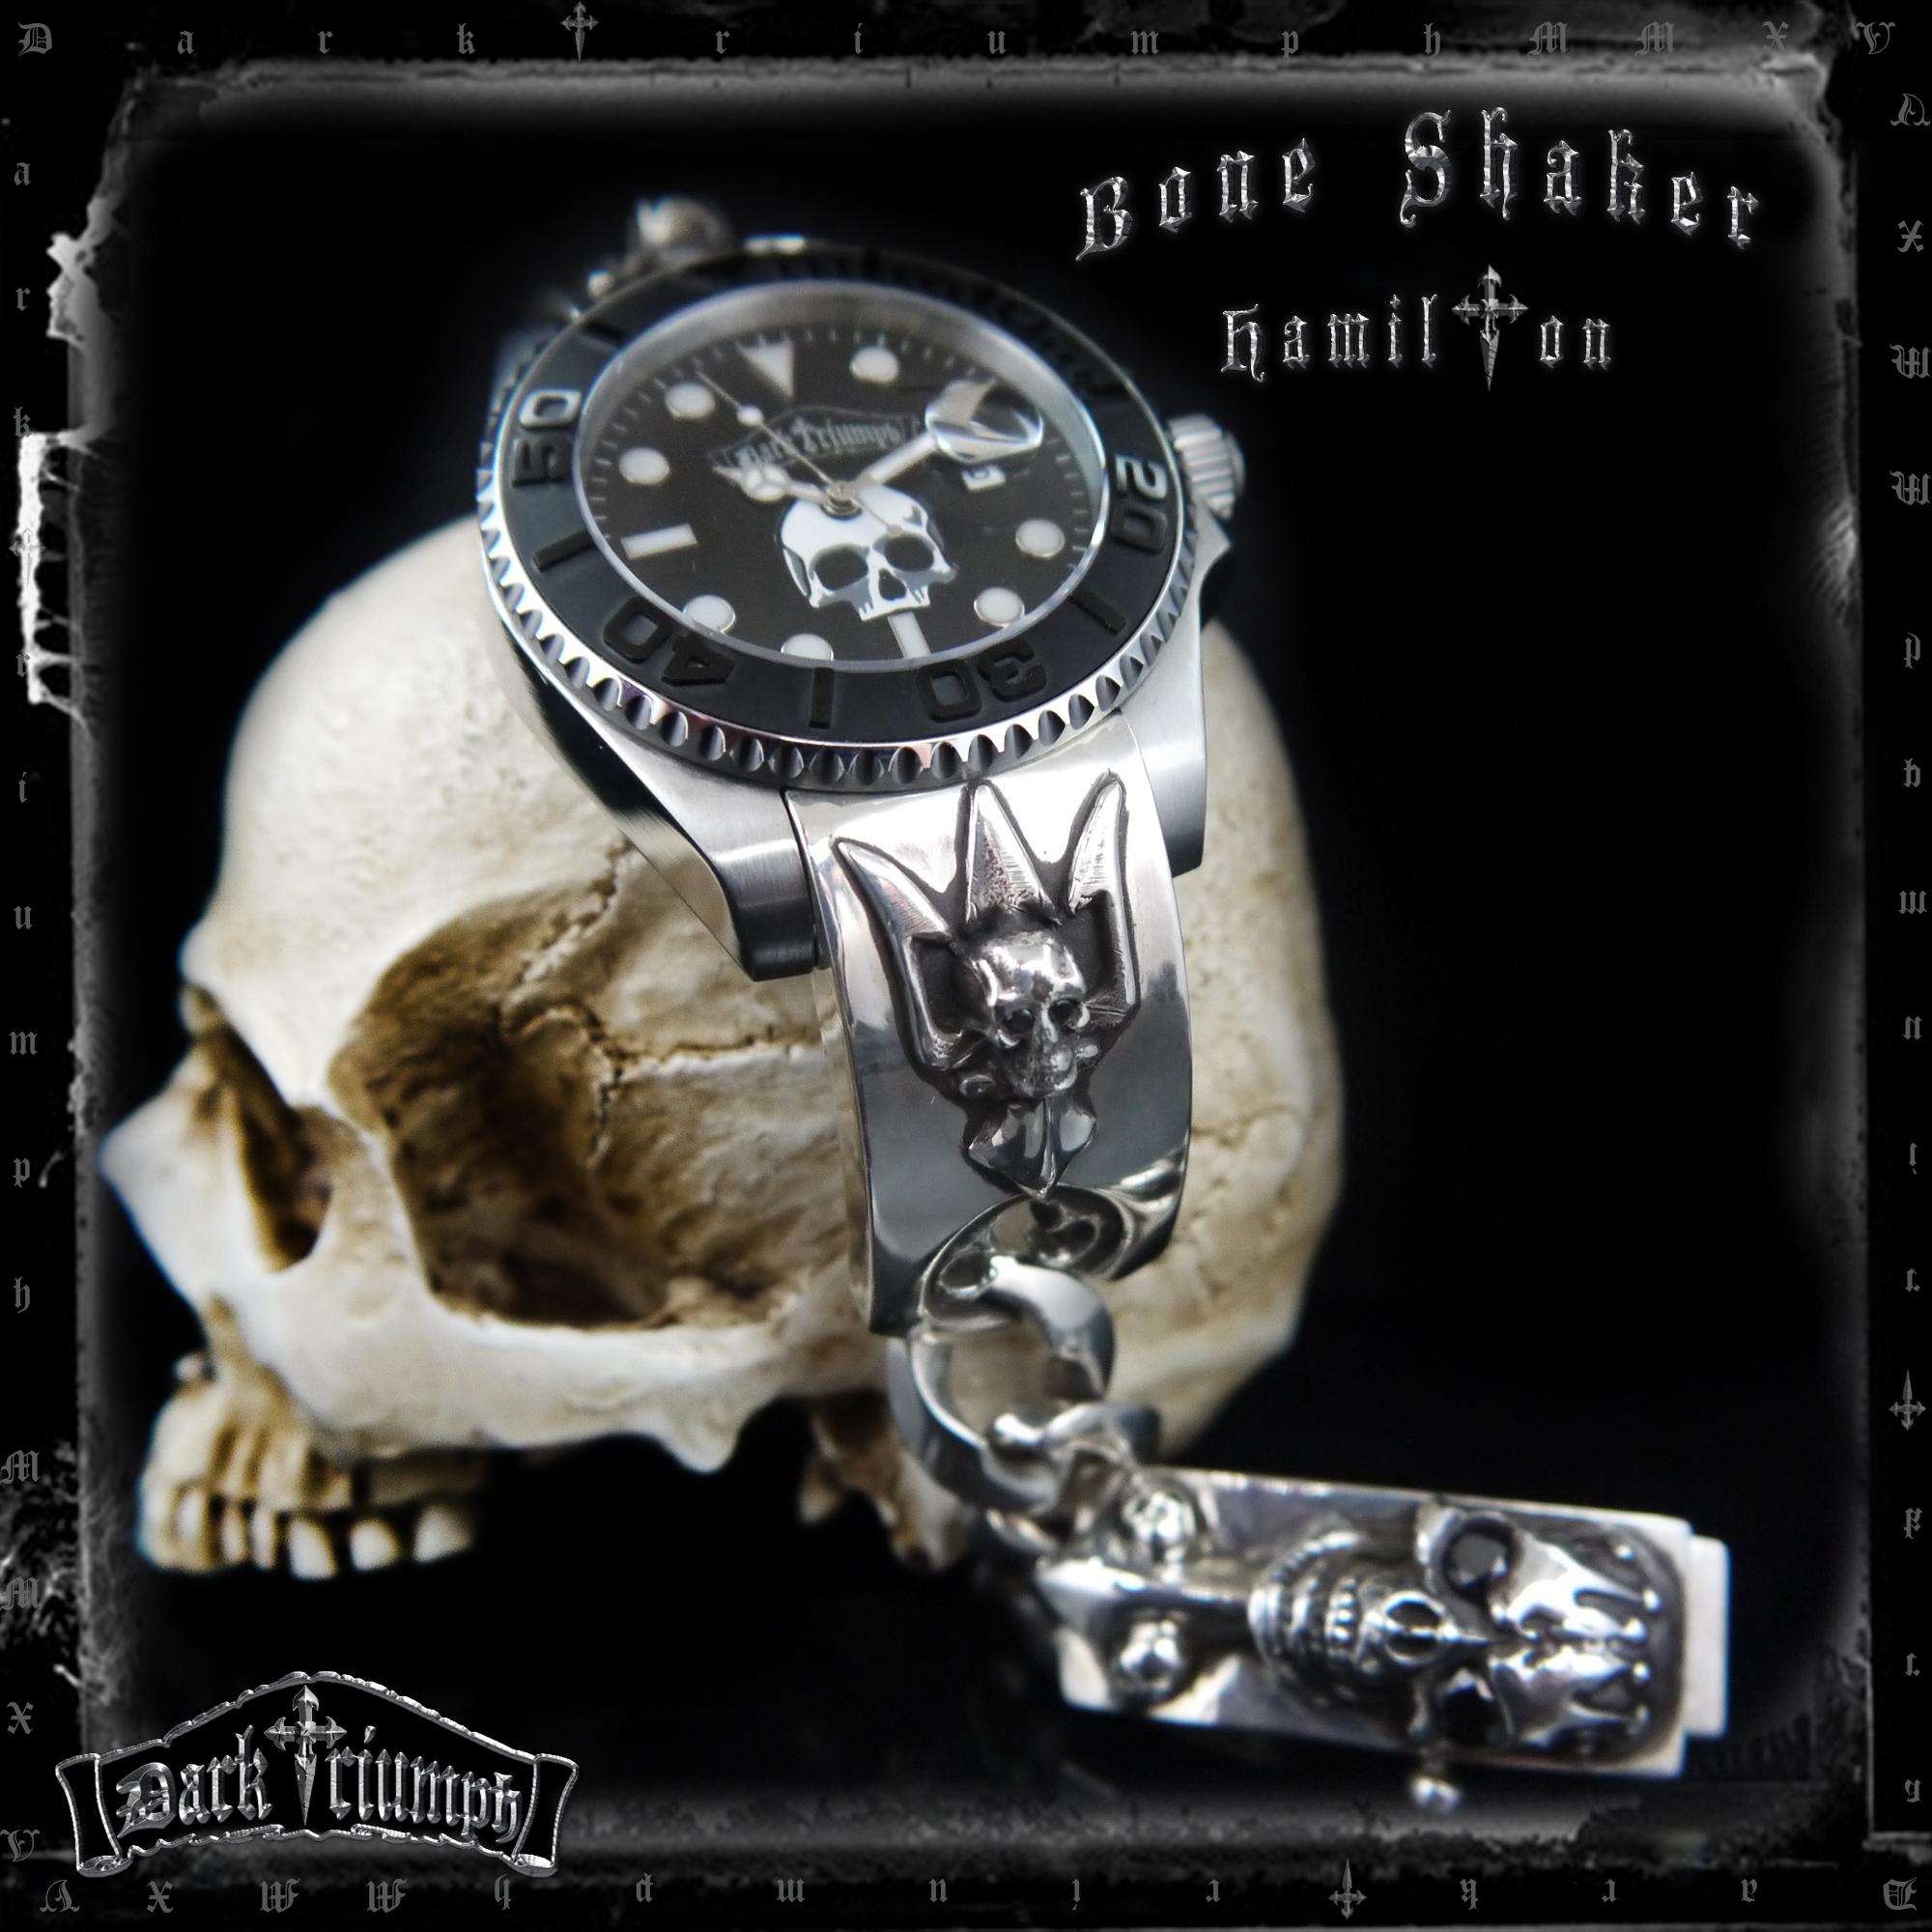 black-bonesshaker-hamilton-titled.jpg